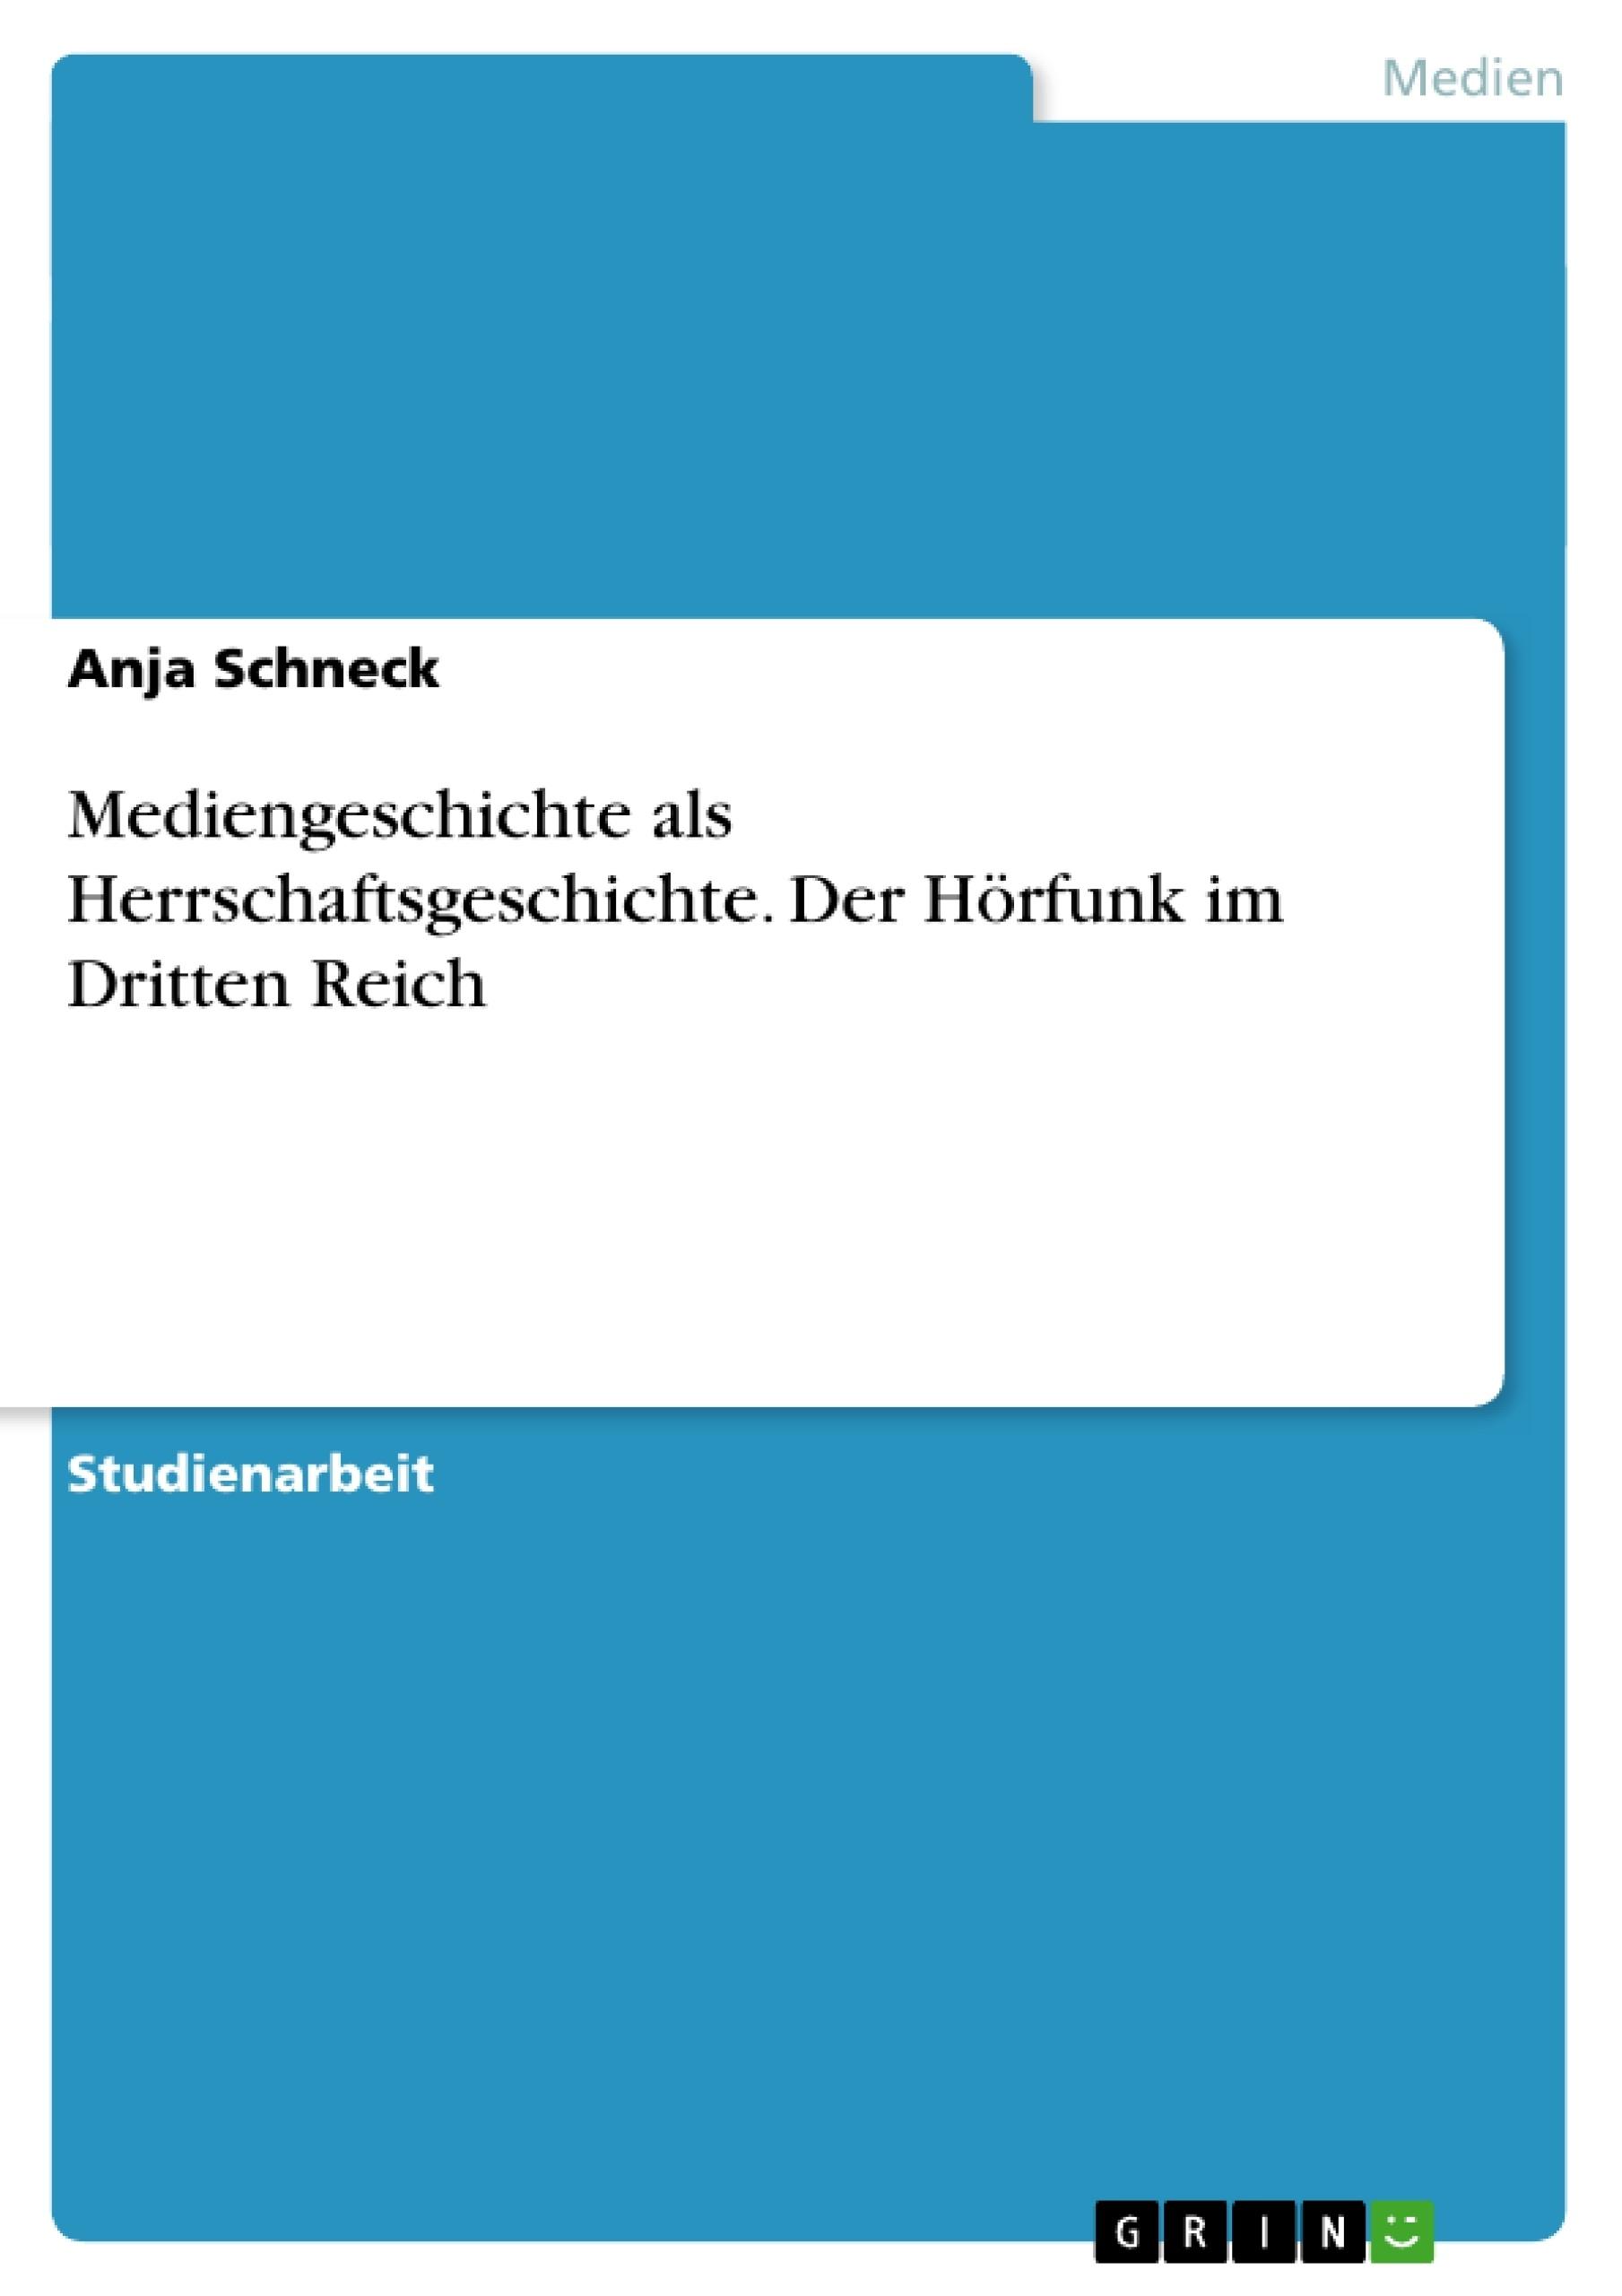 Titel: Mediengeschichte als Herrschaftsgeschichte. Der Hörfunk im Dritten Reich